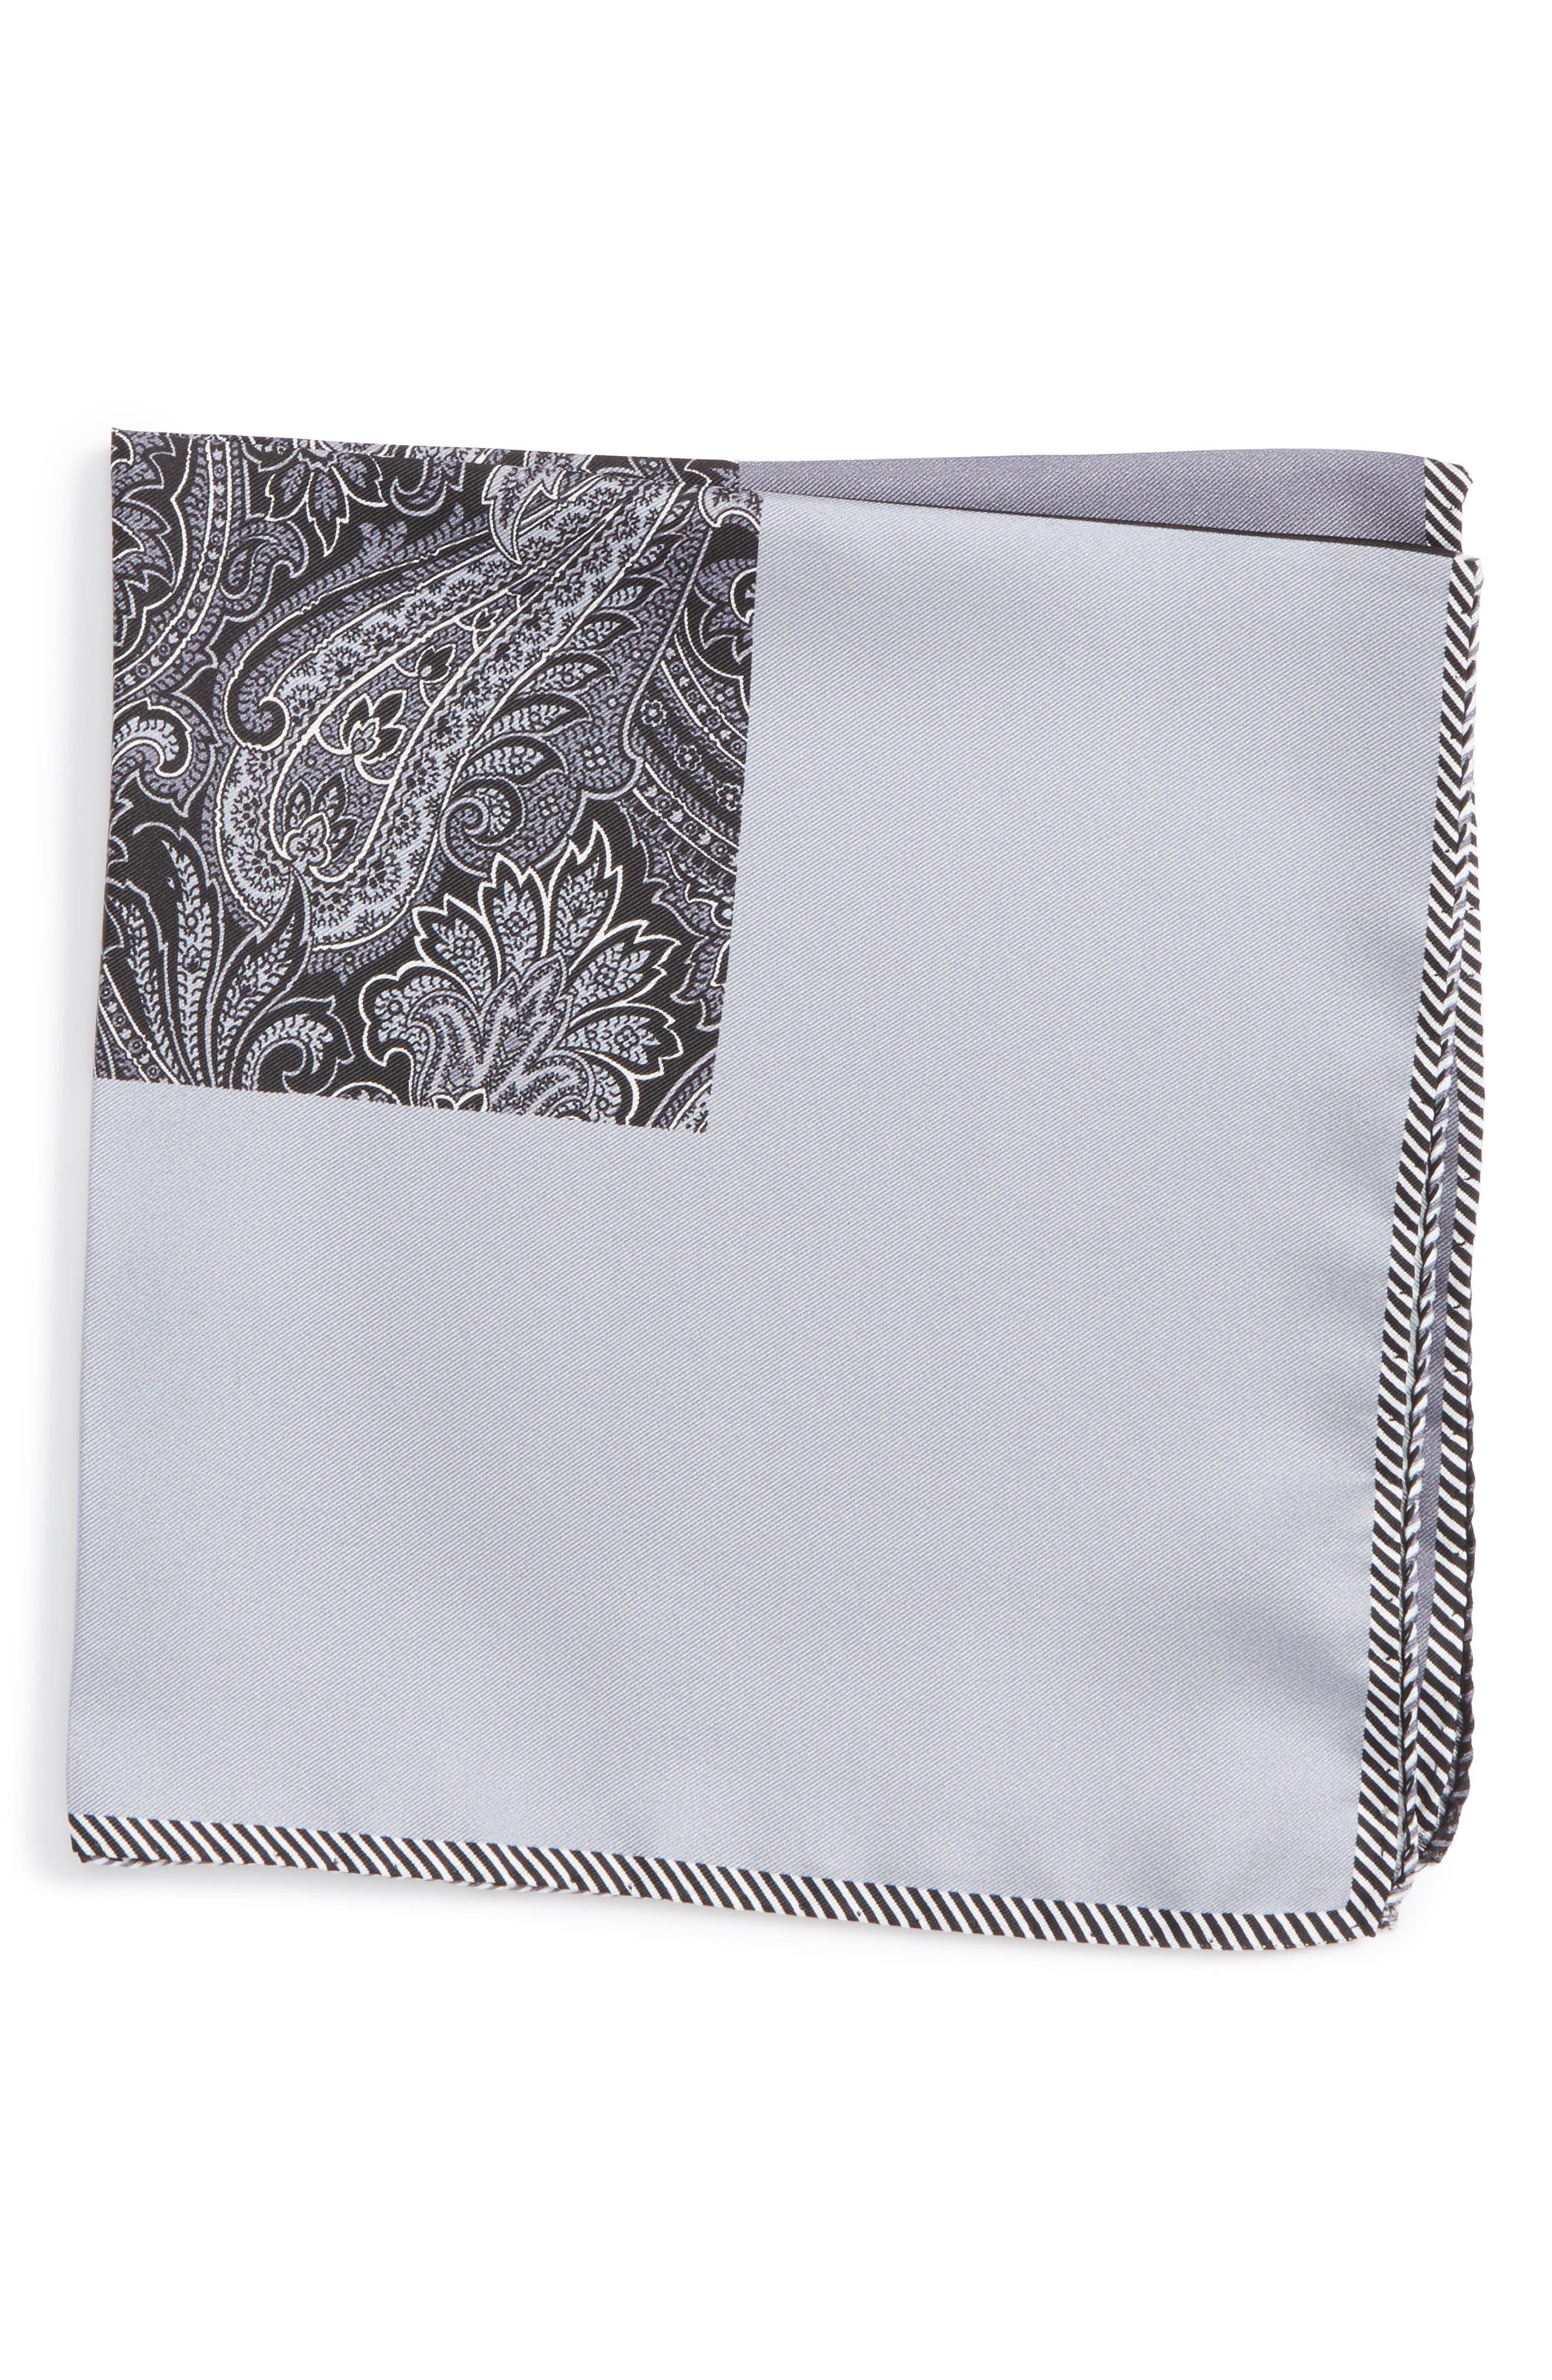 NORDSTROM MEN'S SHOP Five Panel Silk Pocket Square, Main, color, BLACK